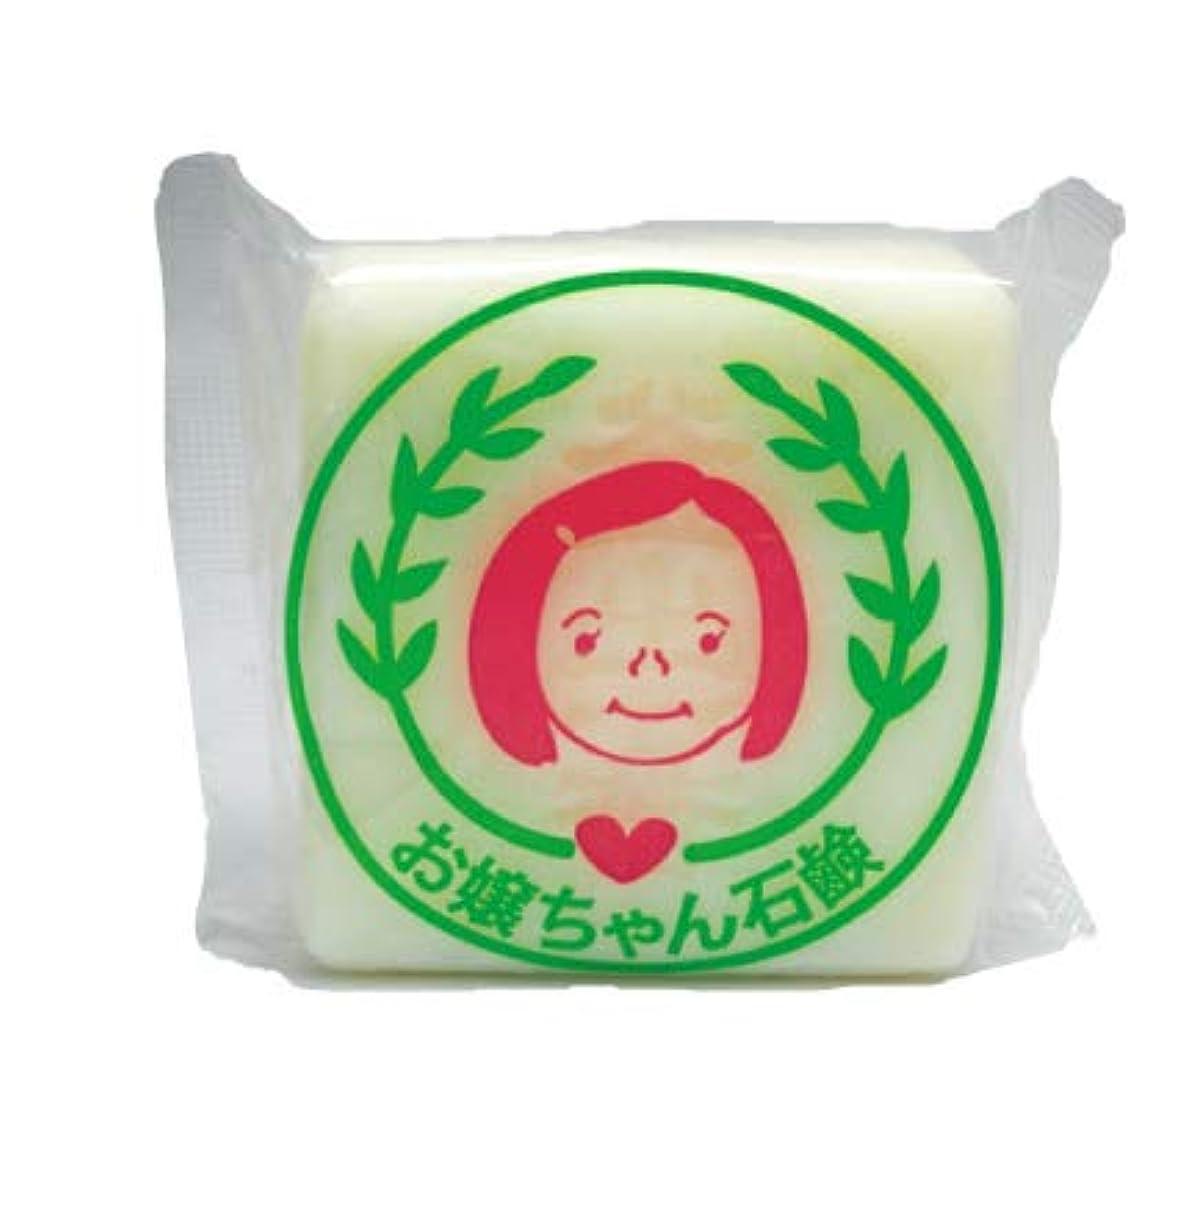 療法強制まつげ新しいお嬢ちゃん石鹸(100g)